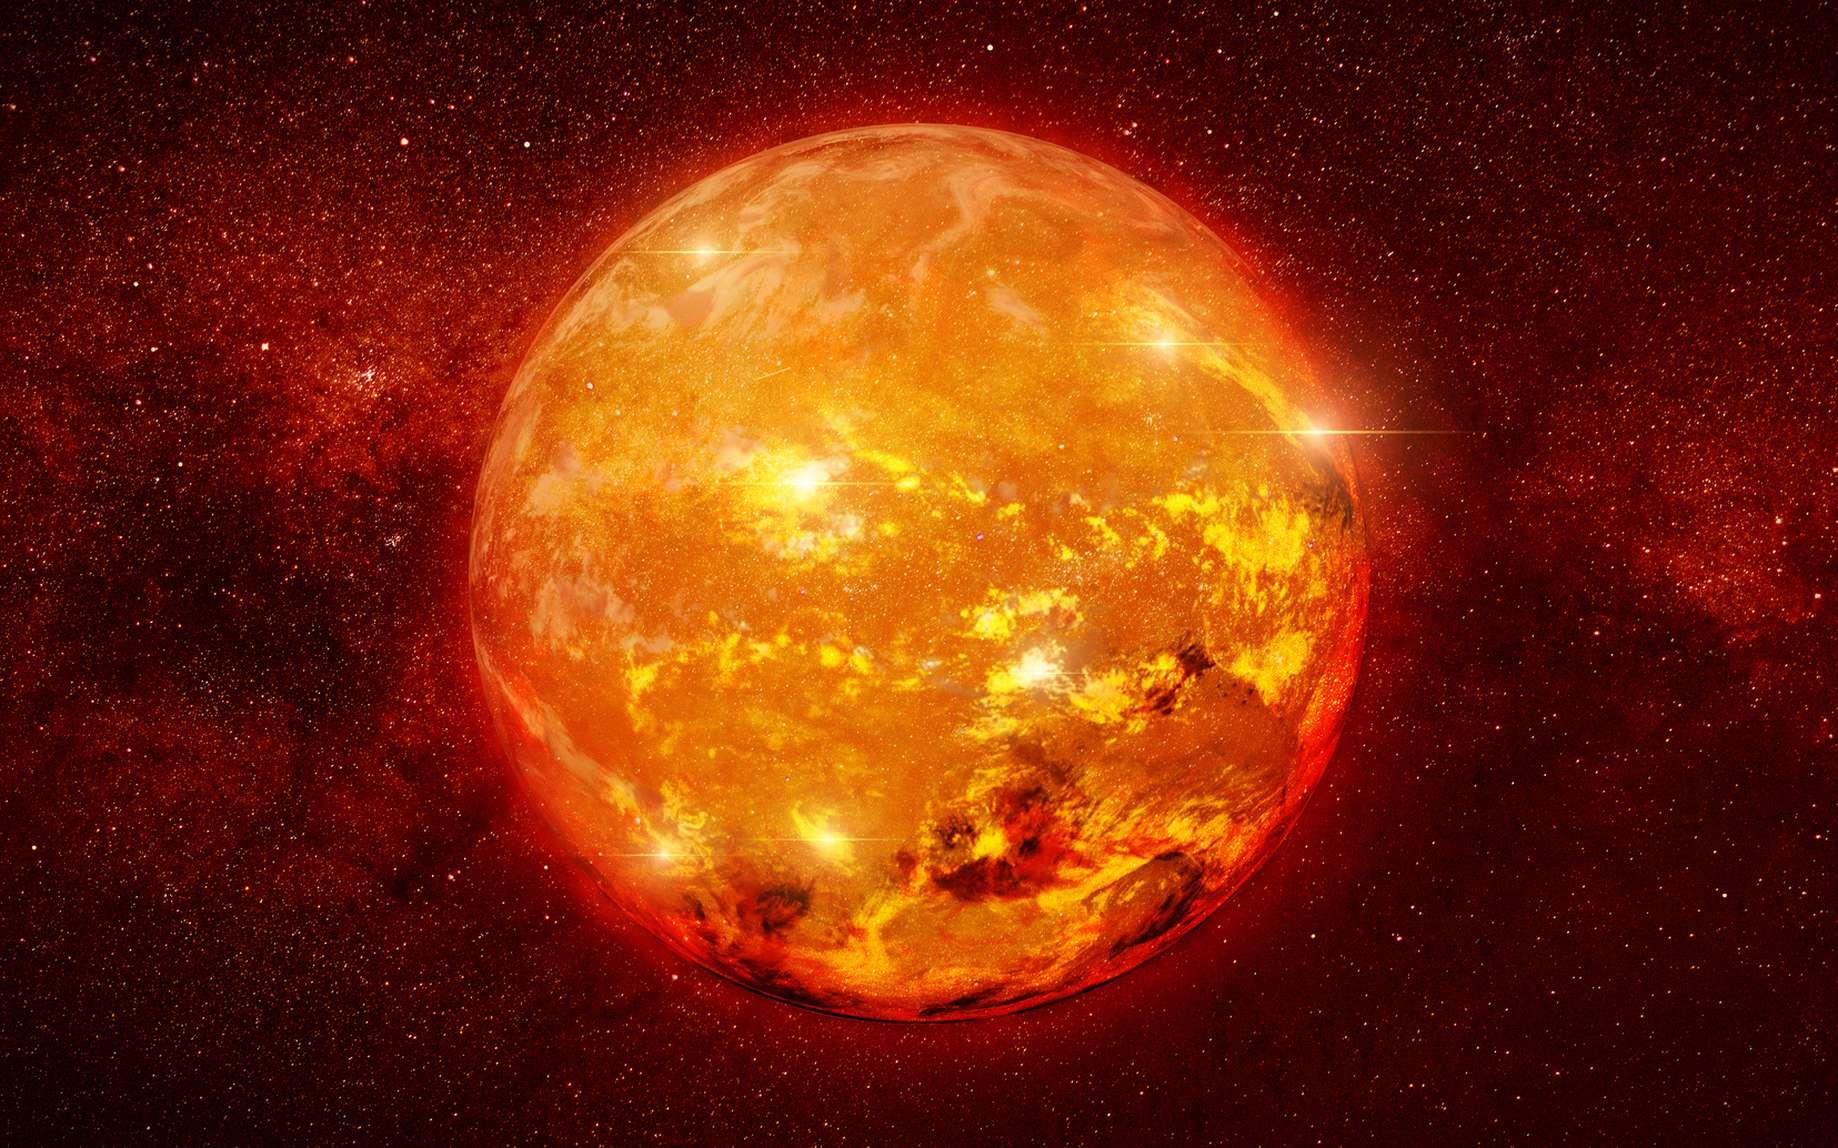 Quelle est la plus grande étoile connue dans l'univers ? Ici, illustration d'une étoile géante. © dottedyeti, fotolia